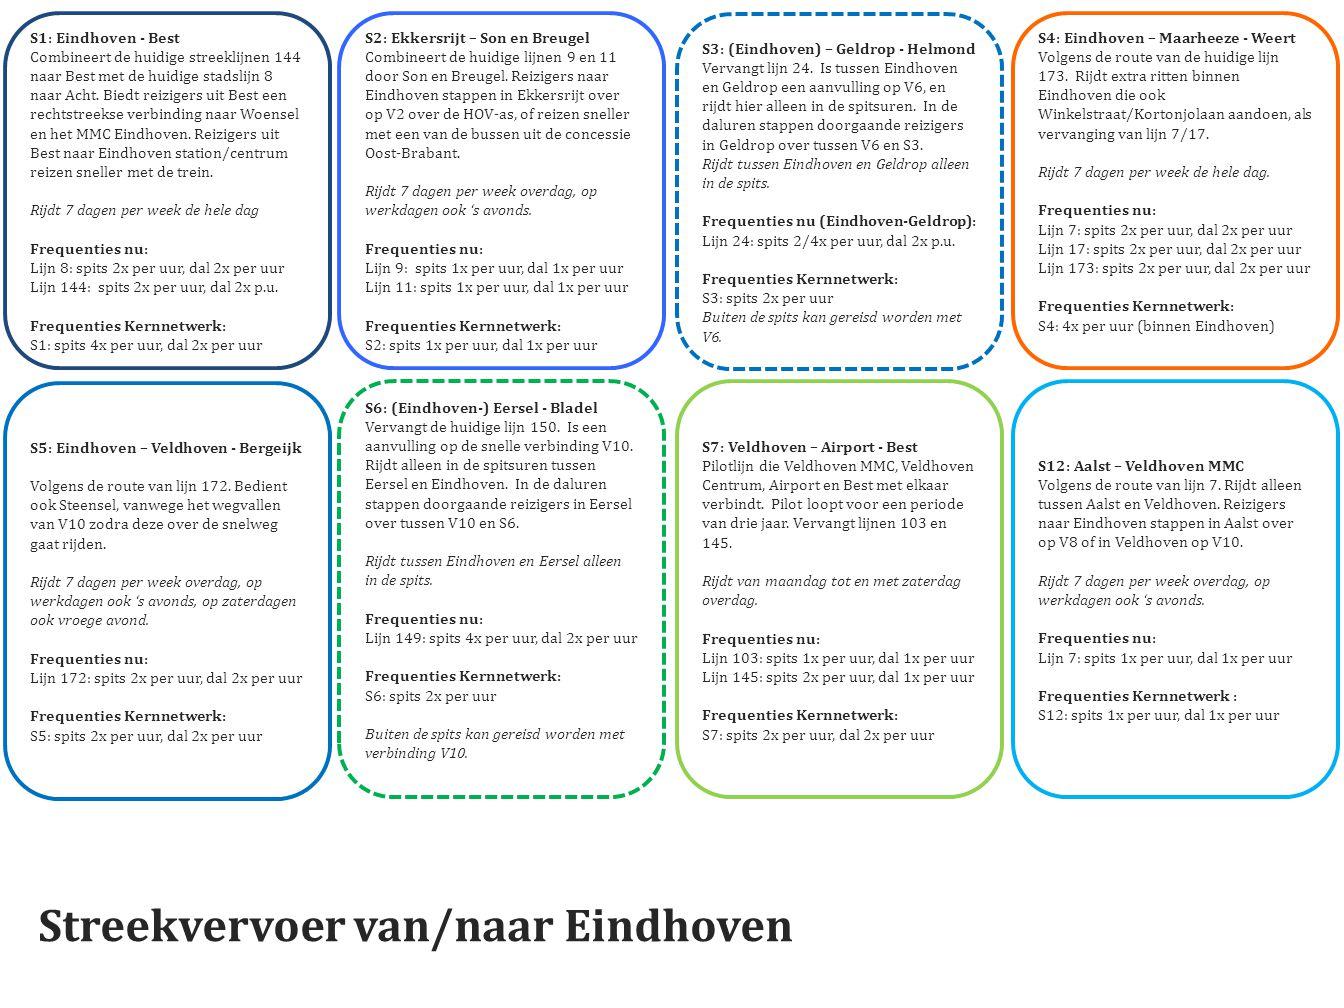 Streekvervoer van/naar Eindhoven